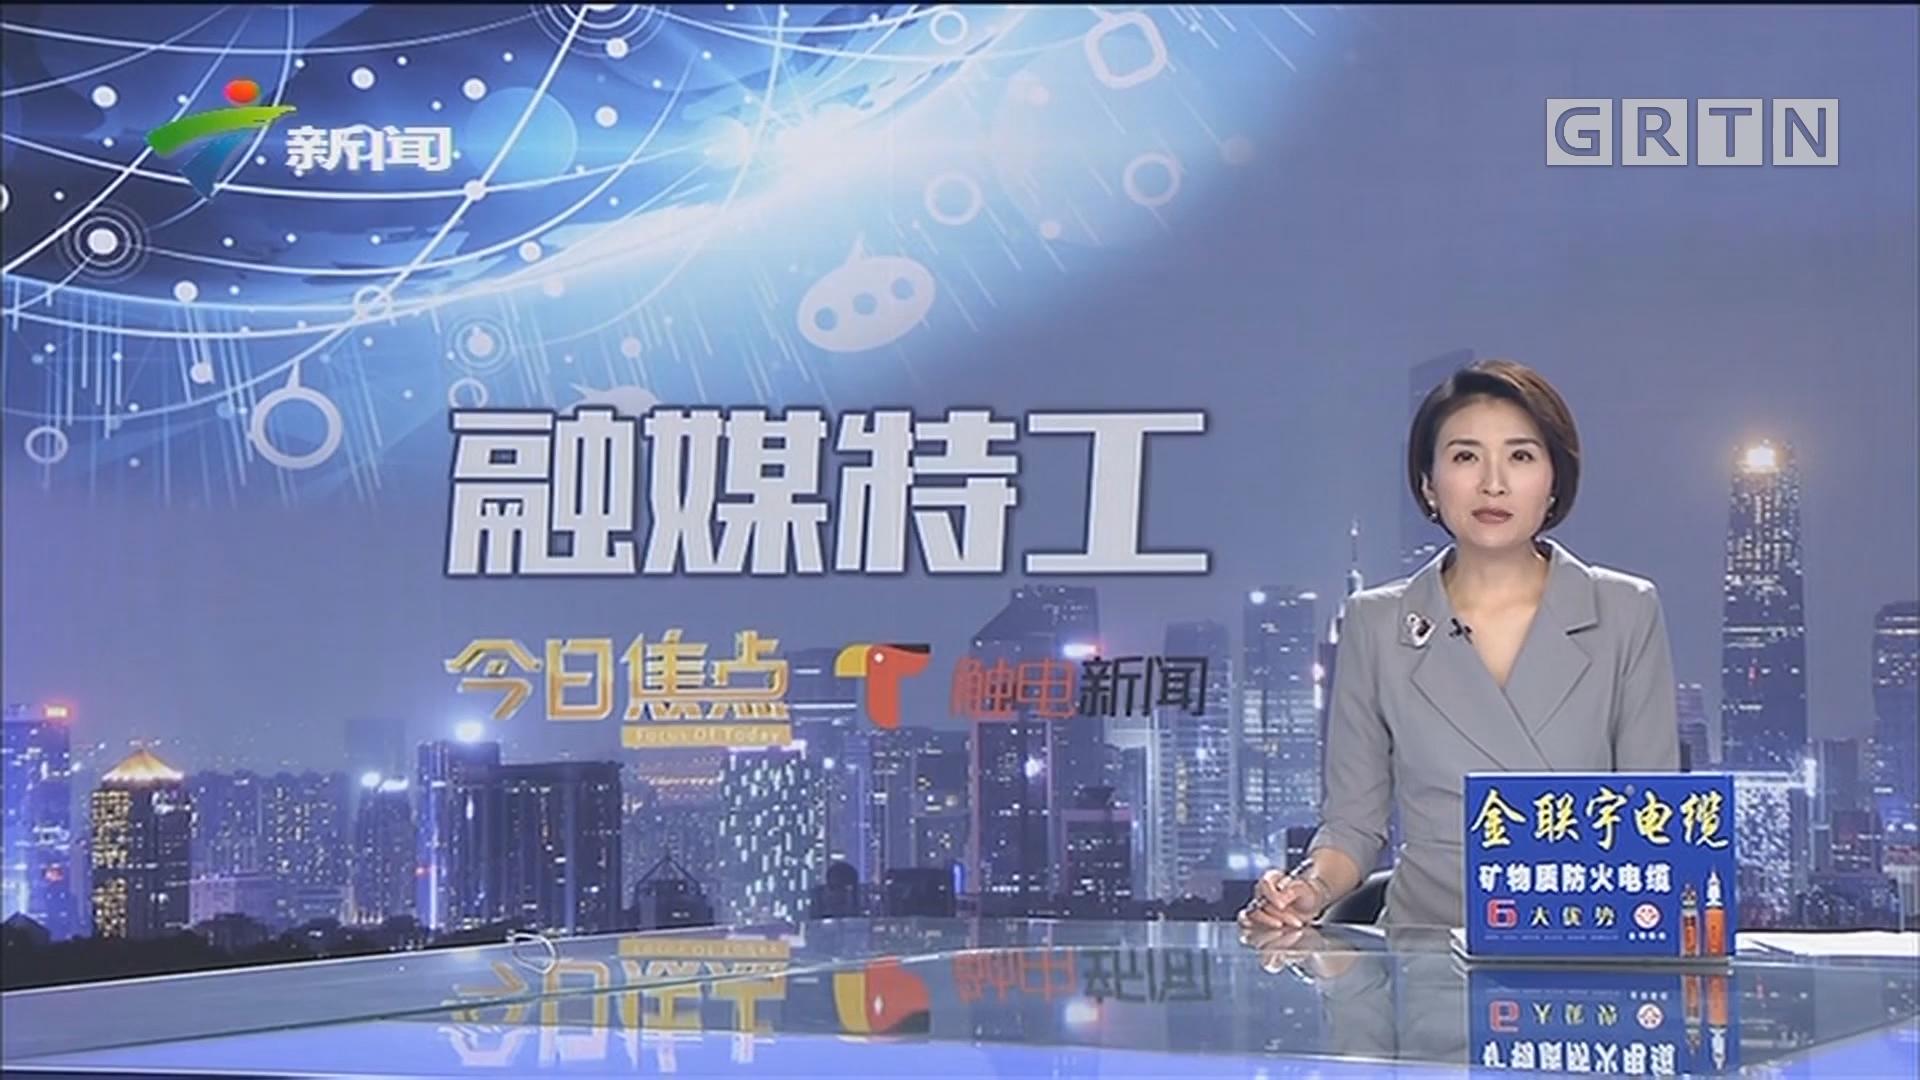 融媒特工-热门新闻视频